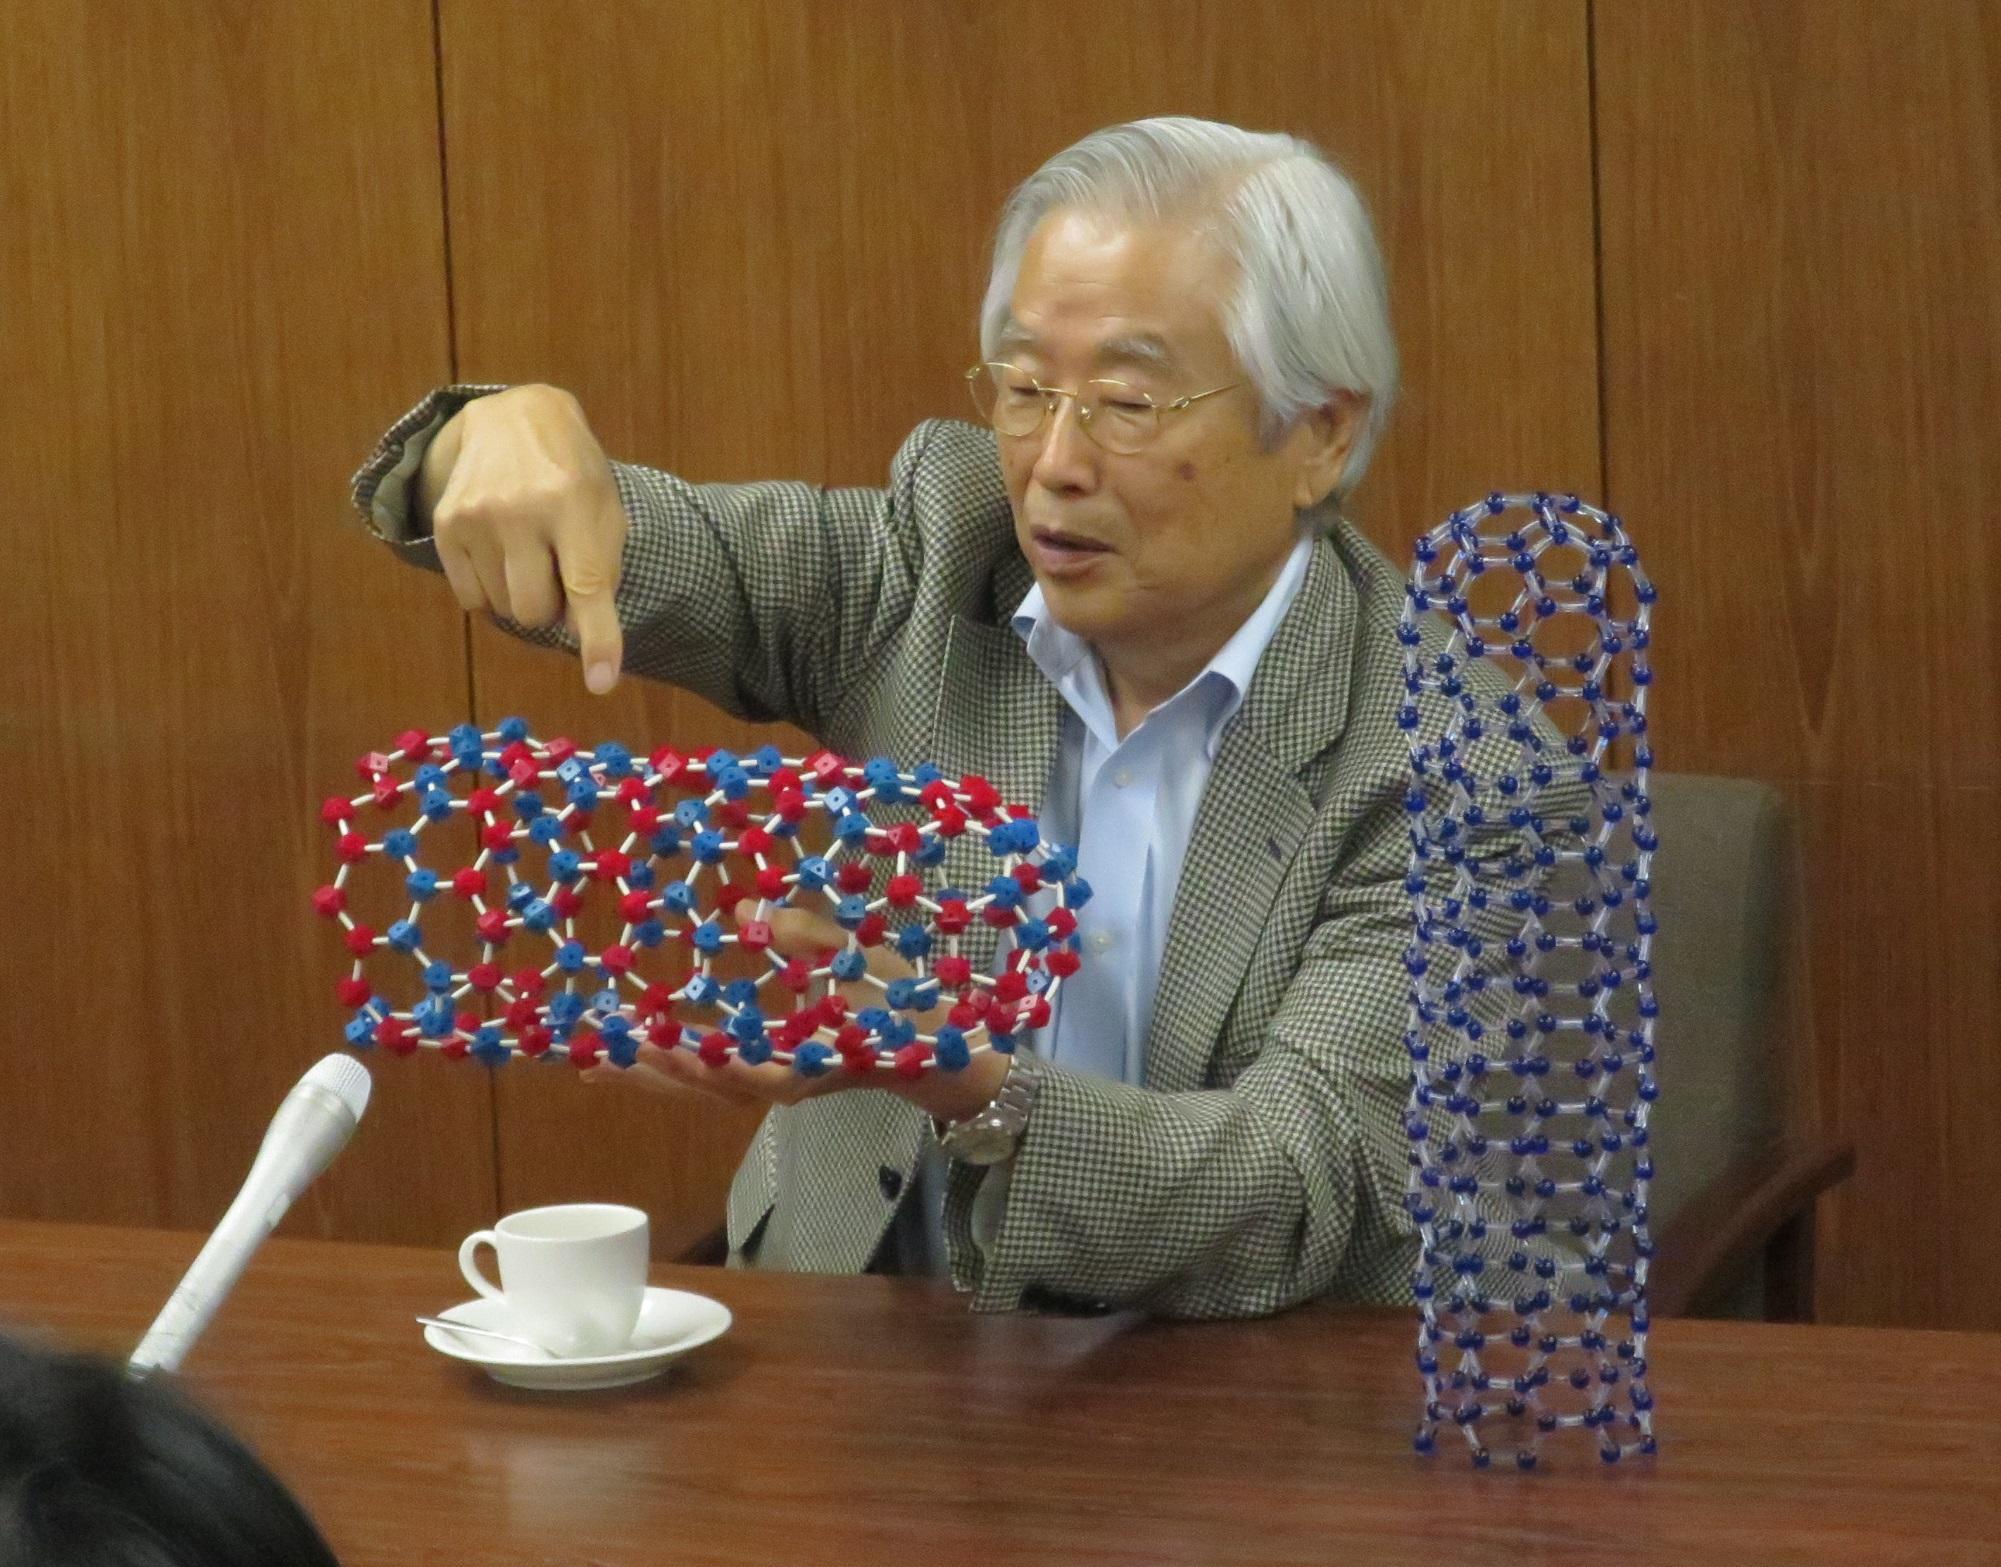 カーボンナノチューブの模型を手に説明する飯島終身教授